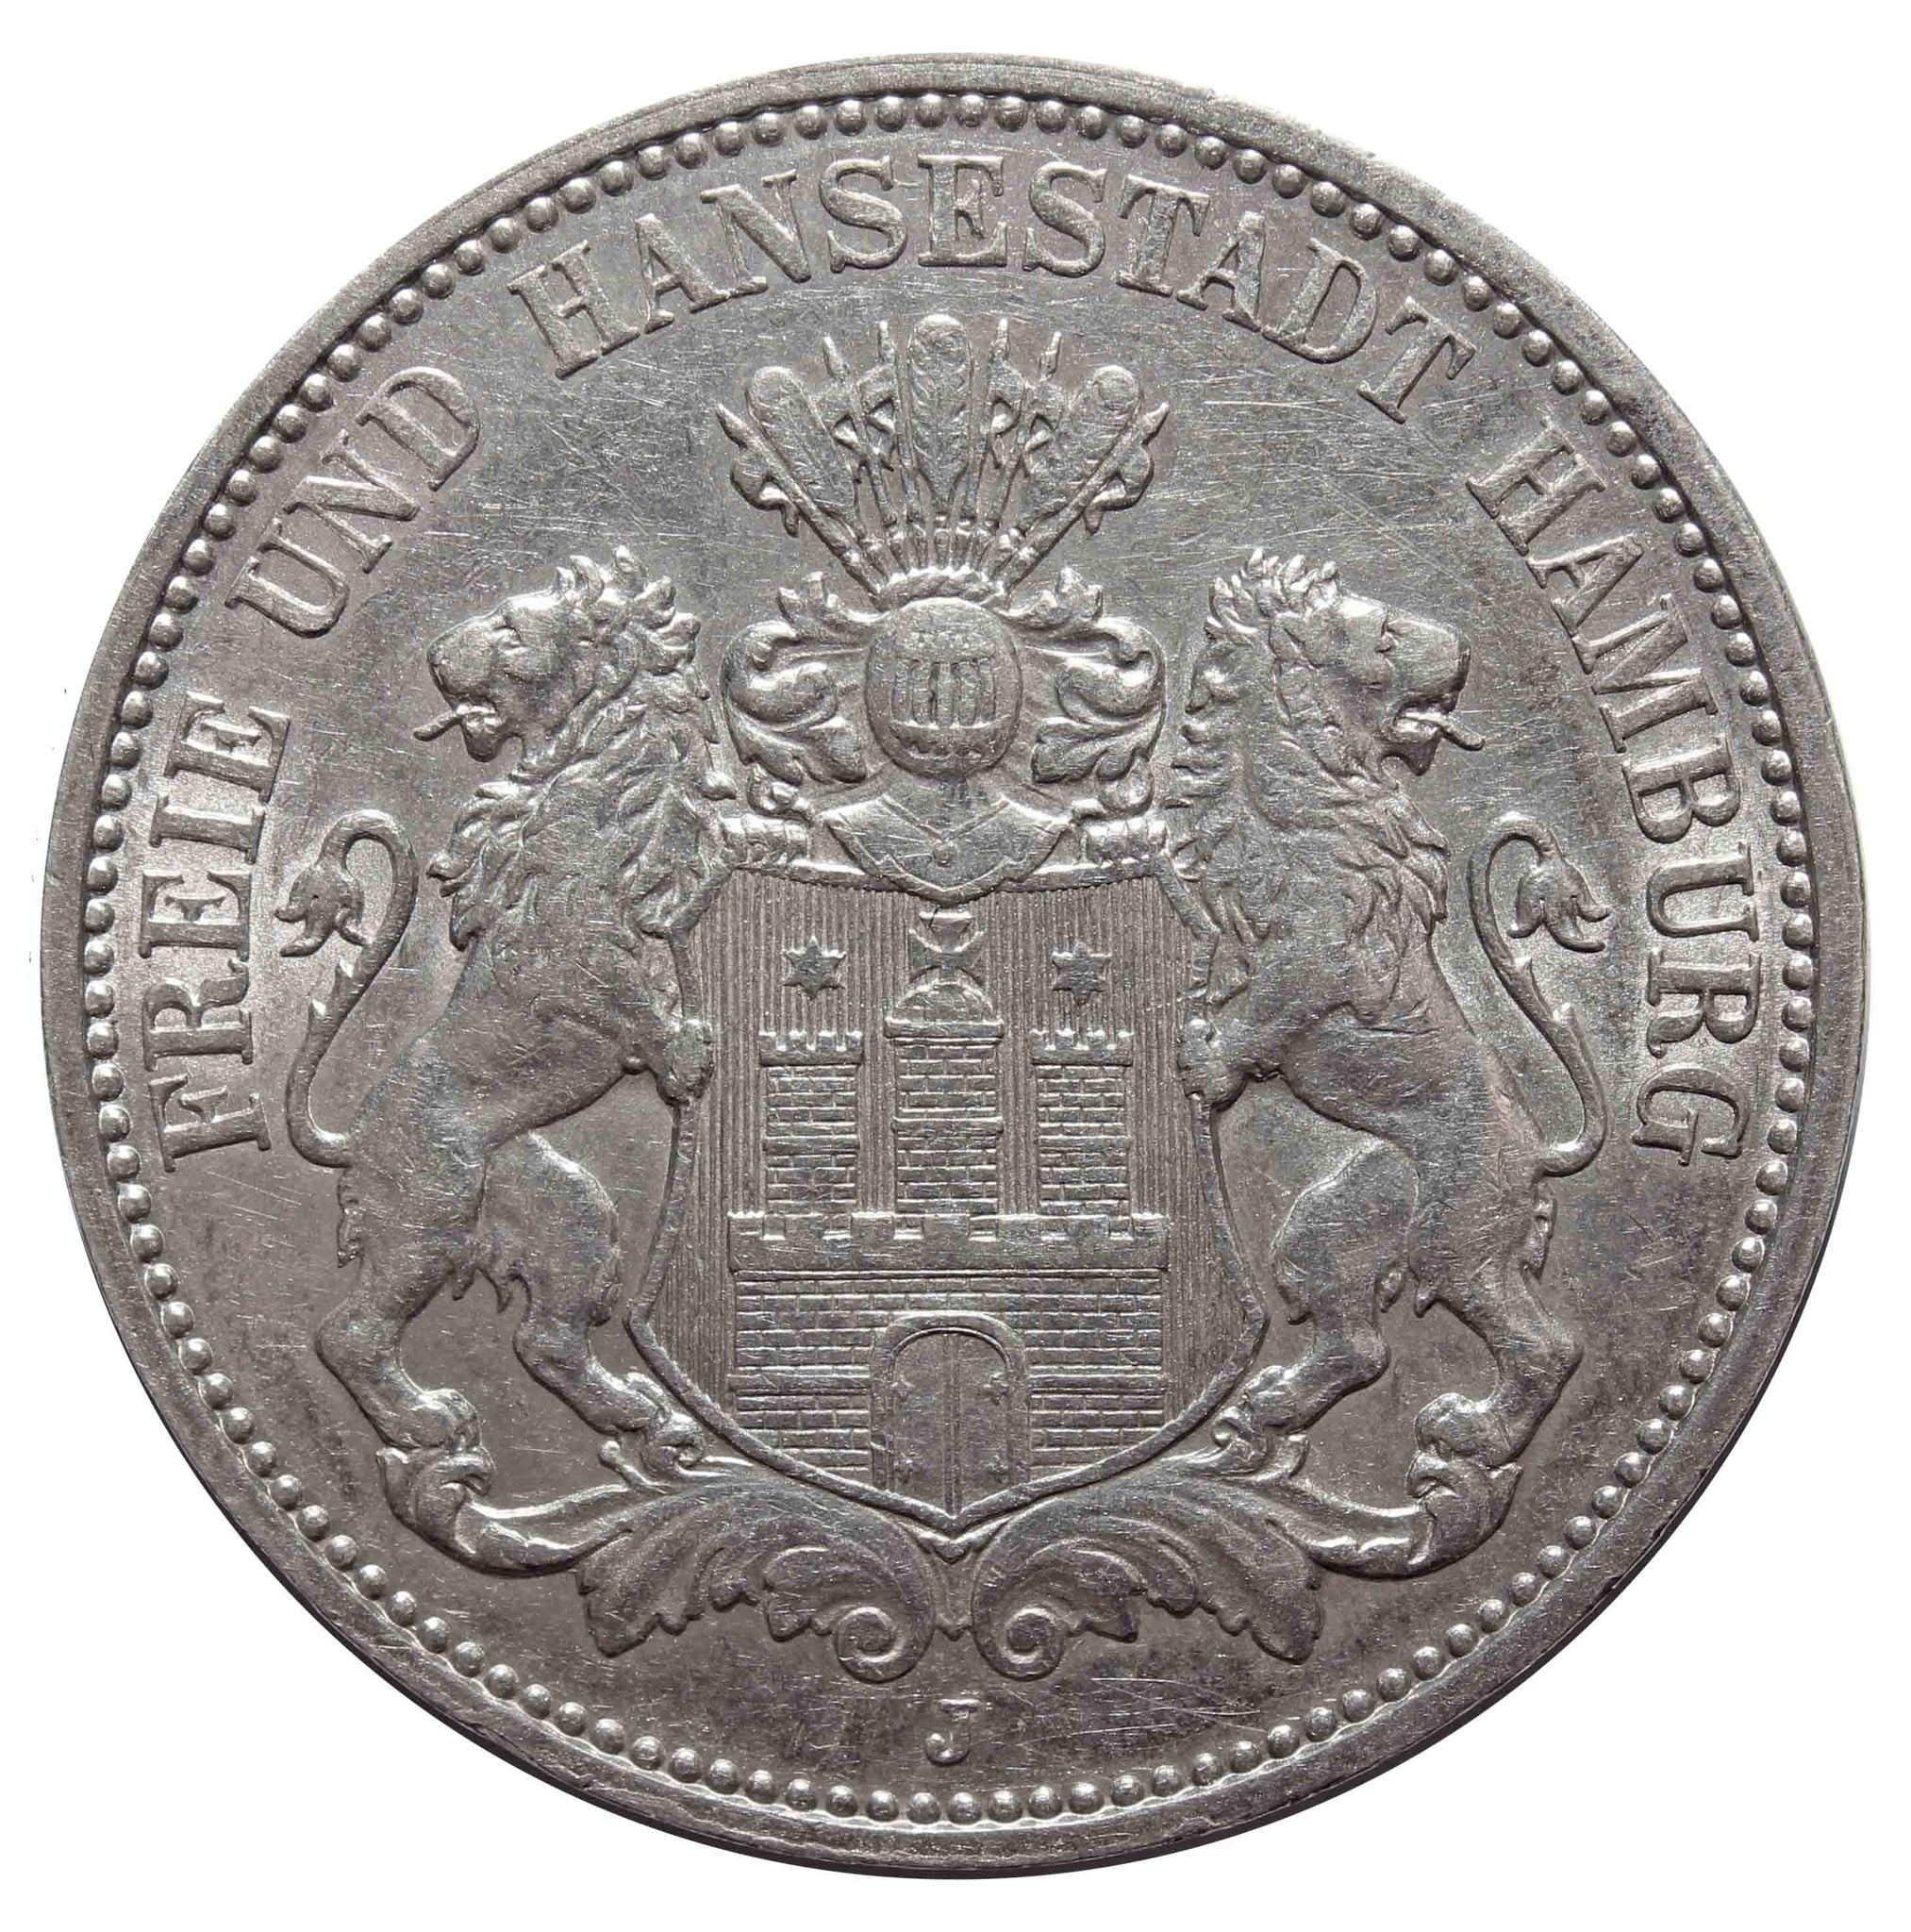 3 марки 1911 года. (J) Германия-Гамбург. Серебро. XF-AU